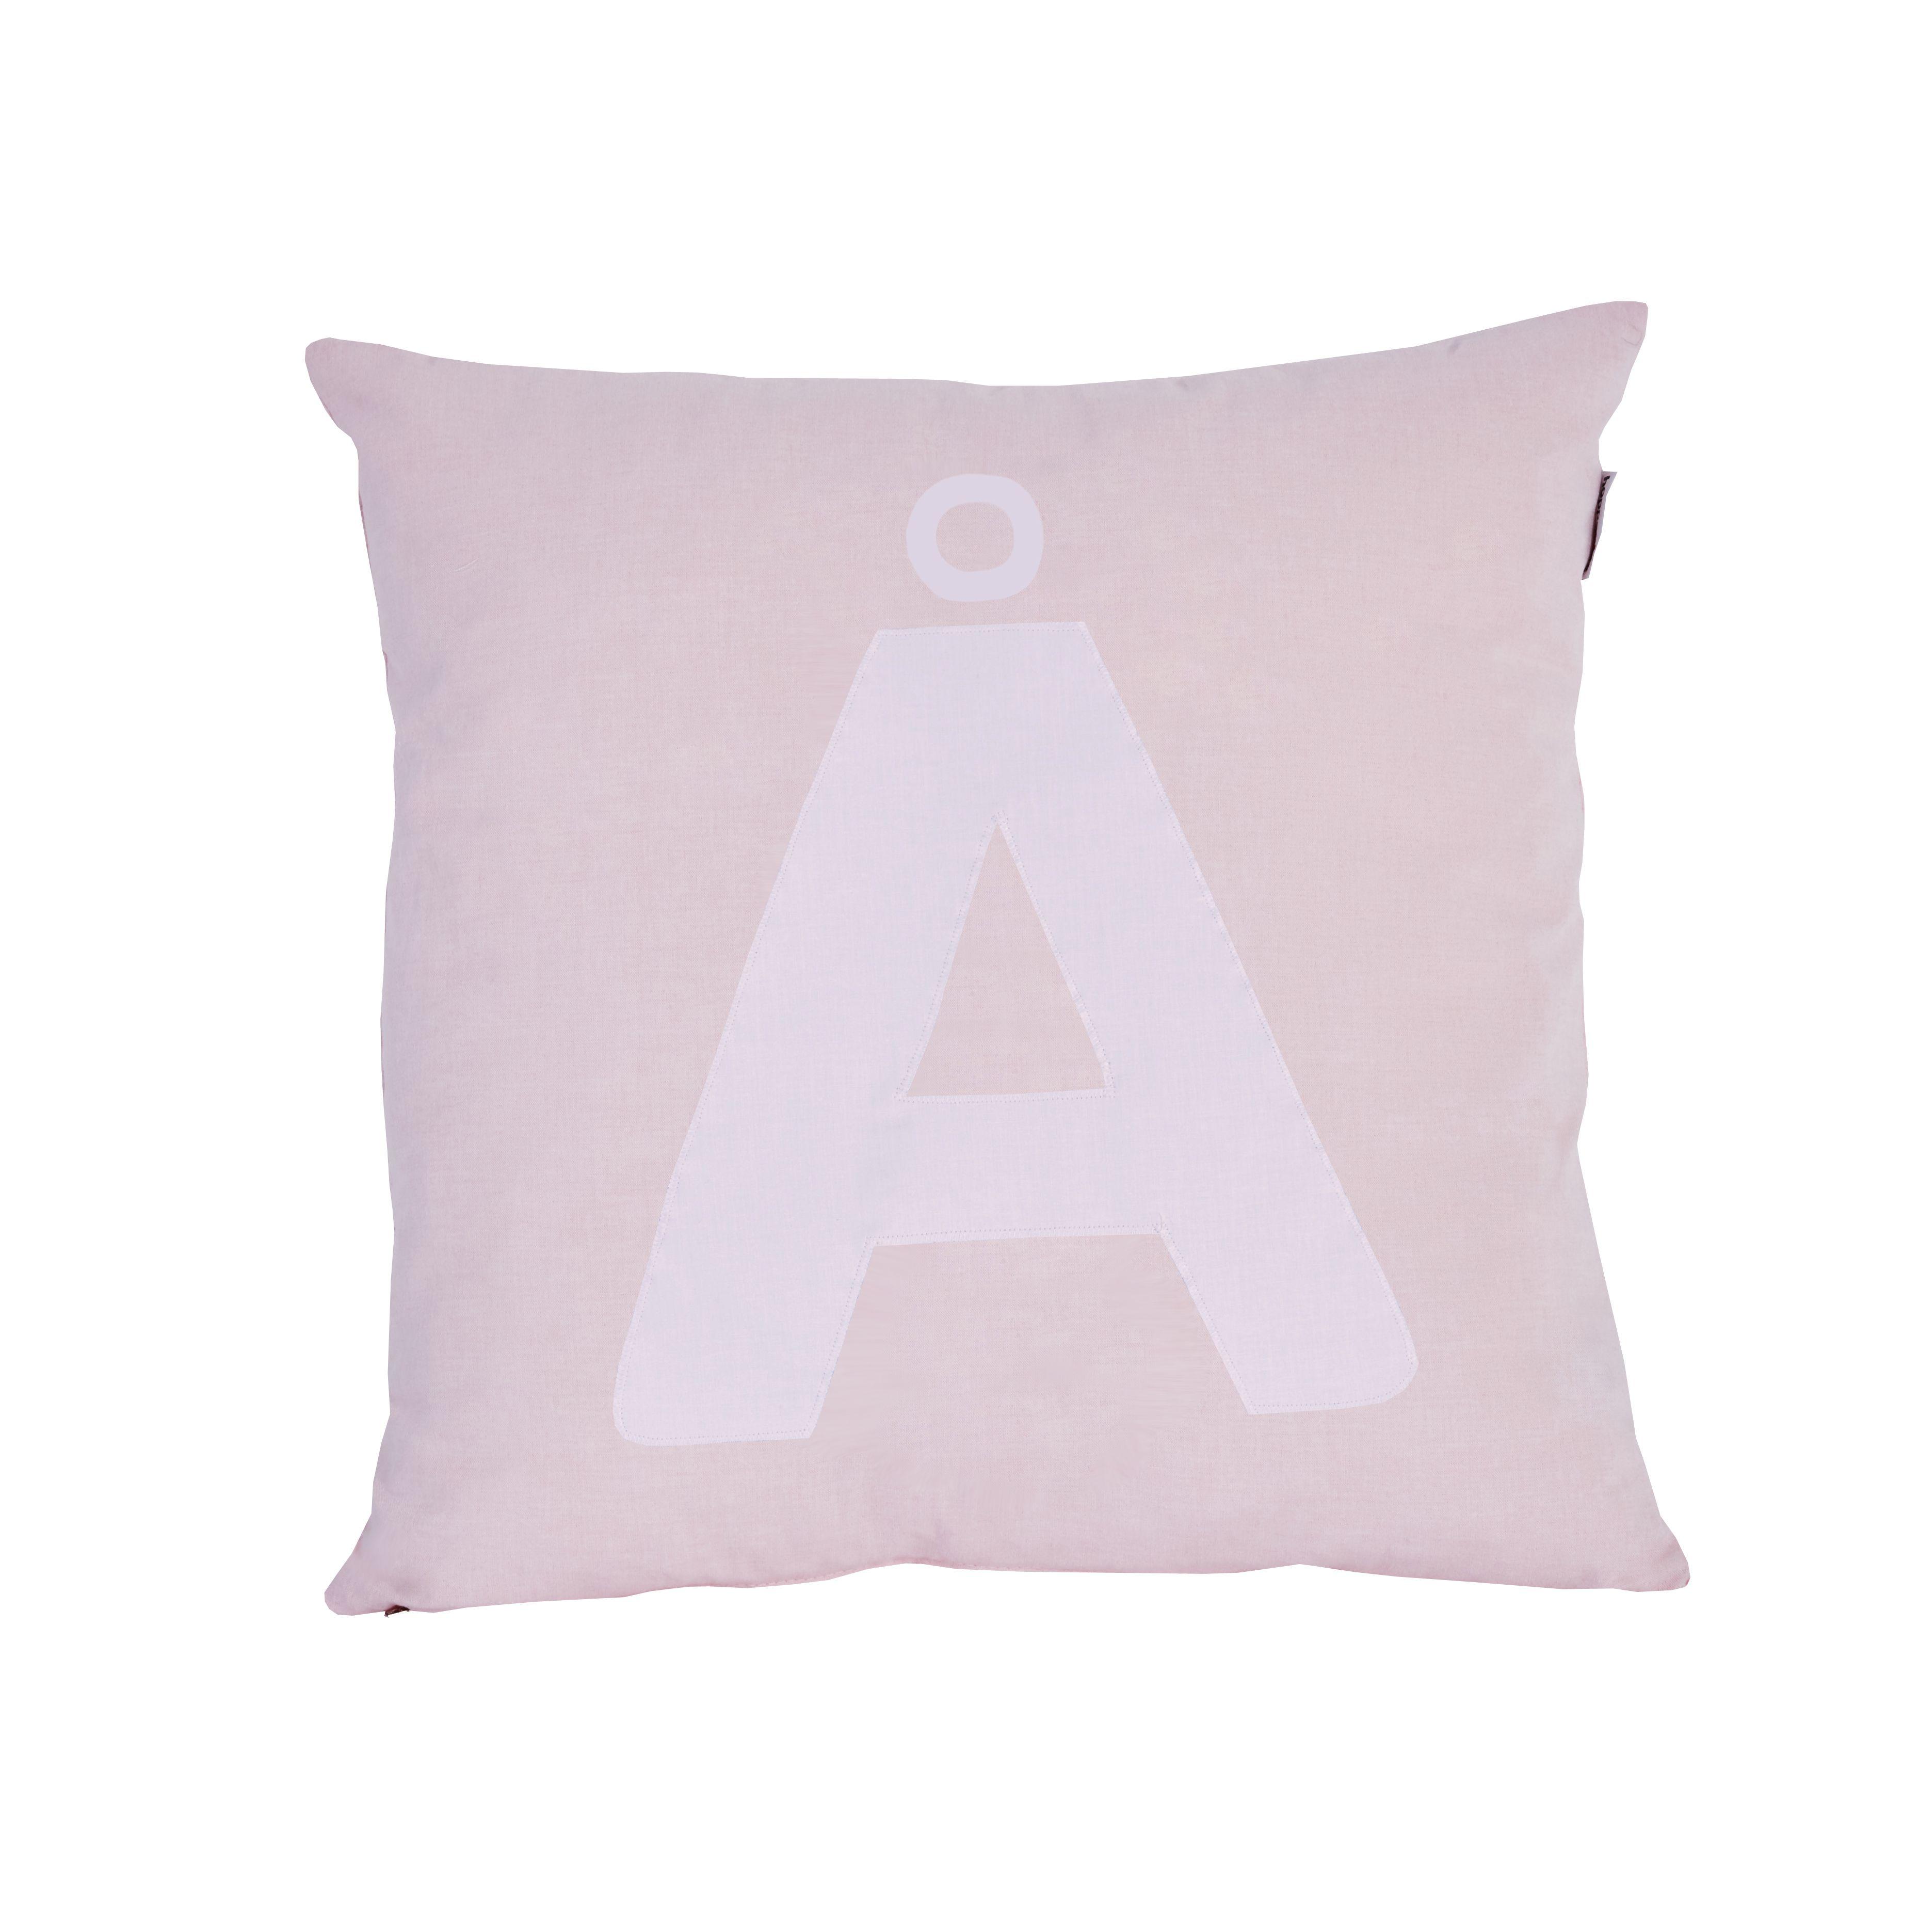 Image of Pude Alphabet Å lyserød fra Hoppekids (36-4650-LR-028)